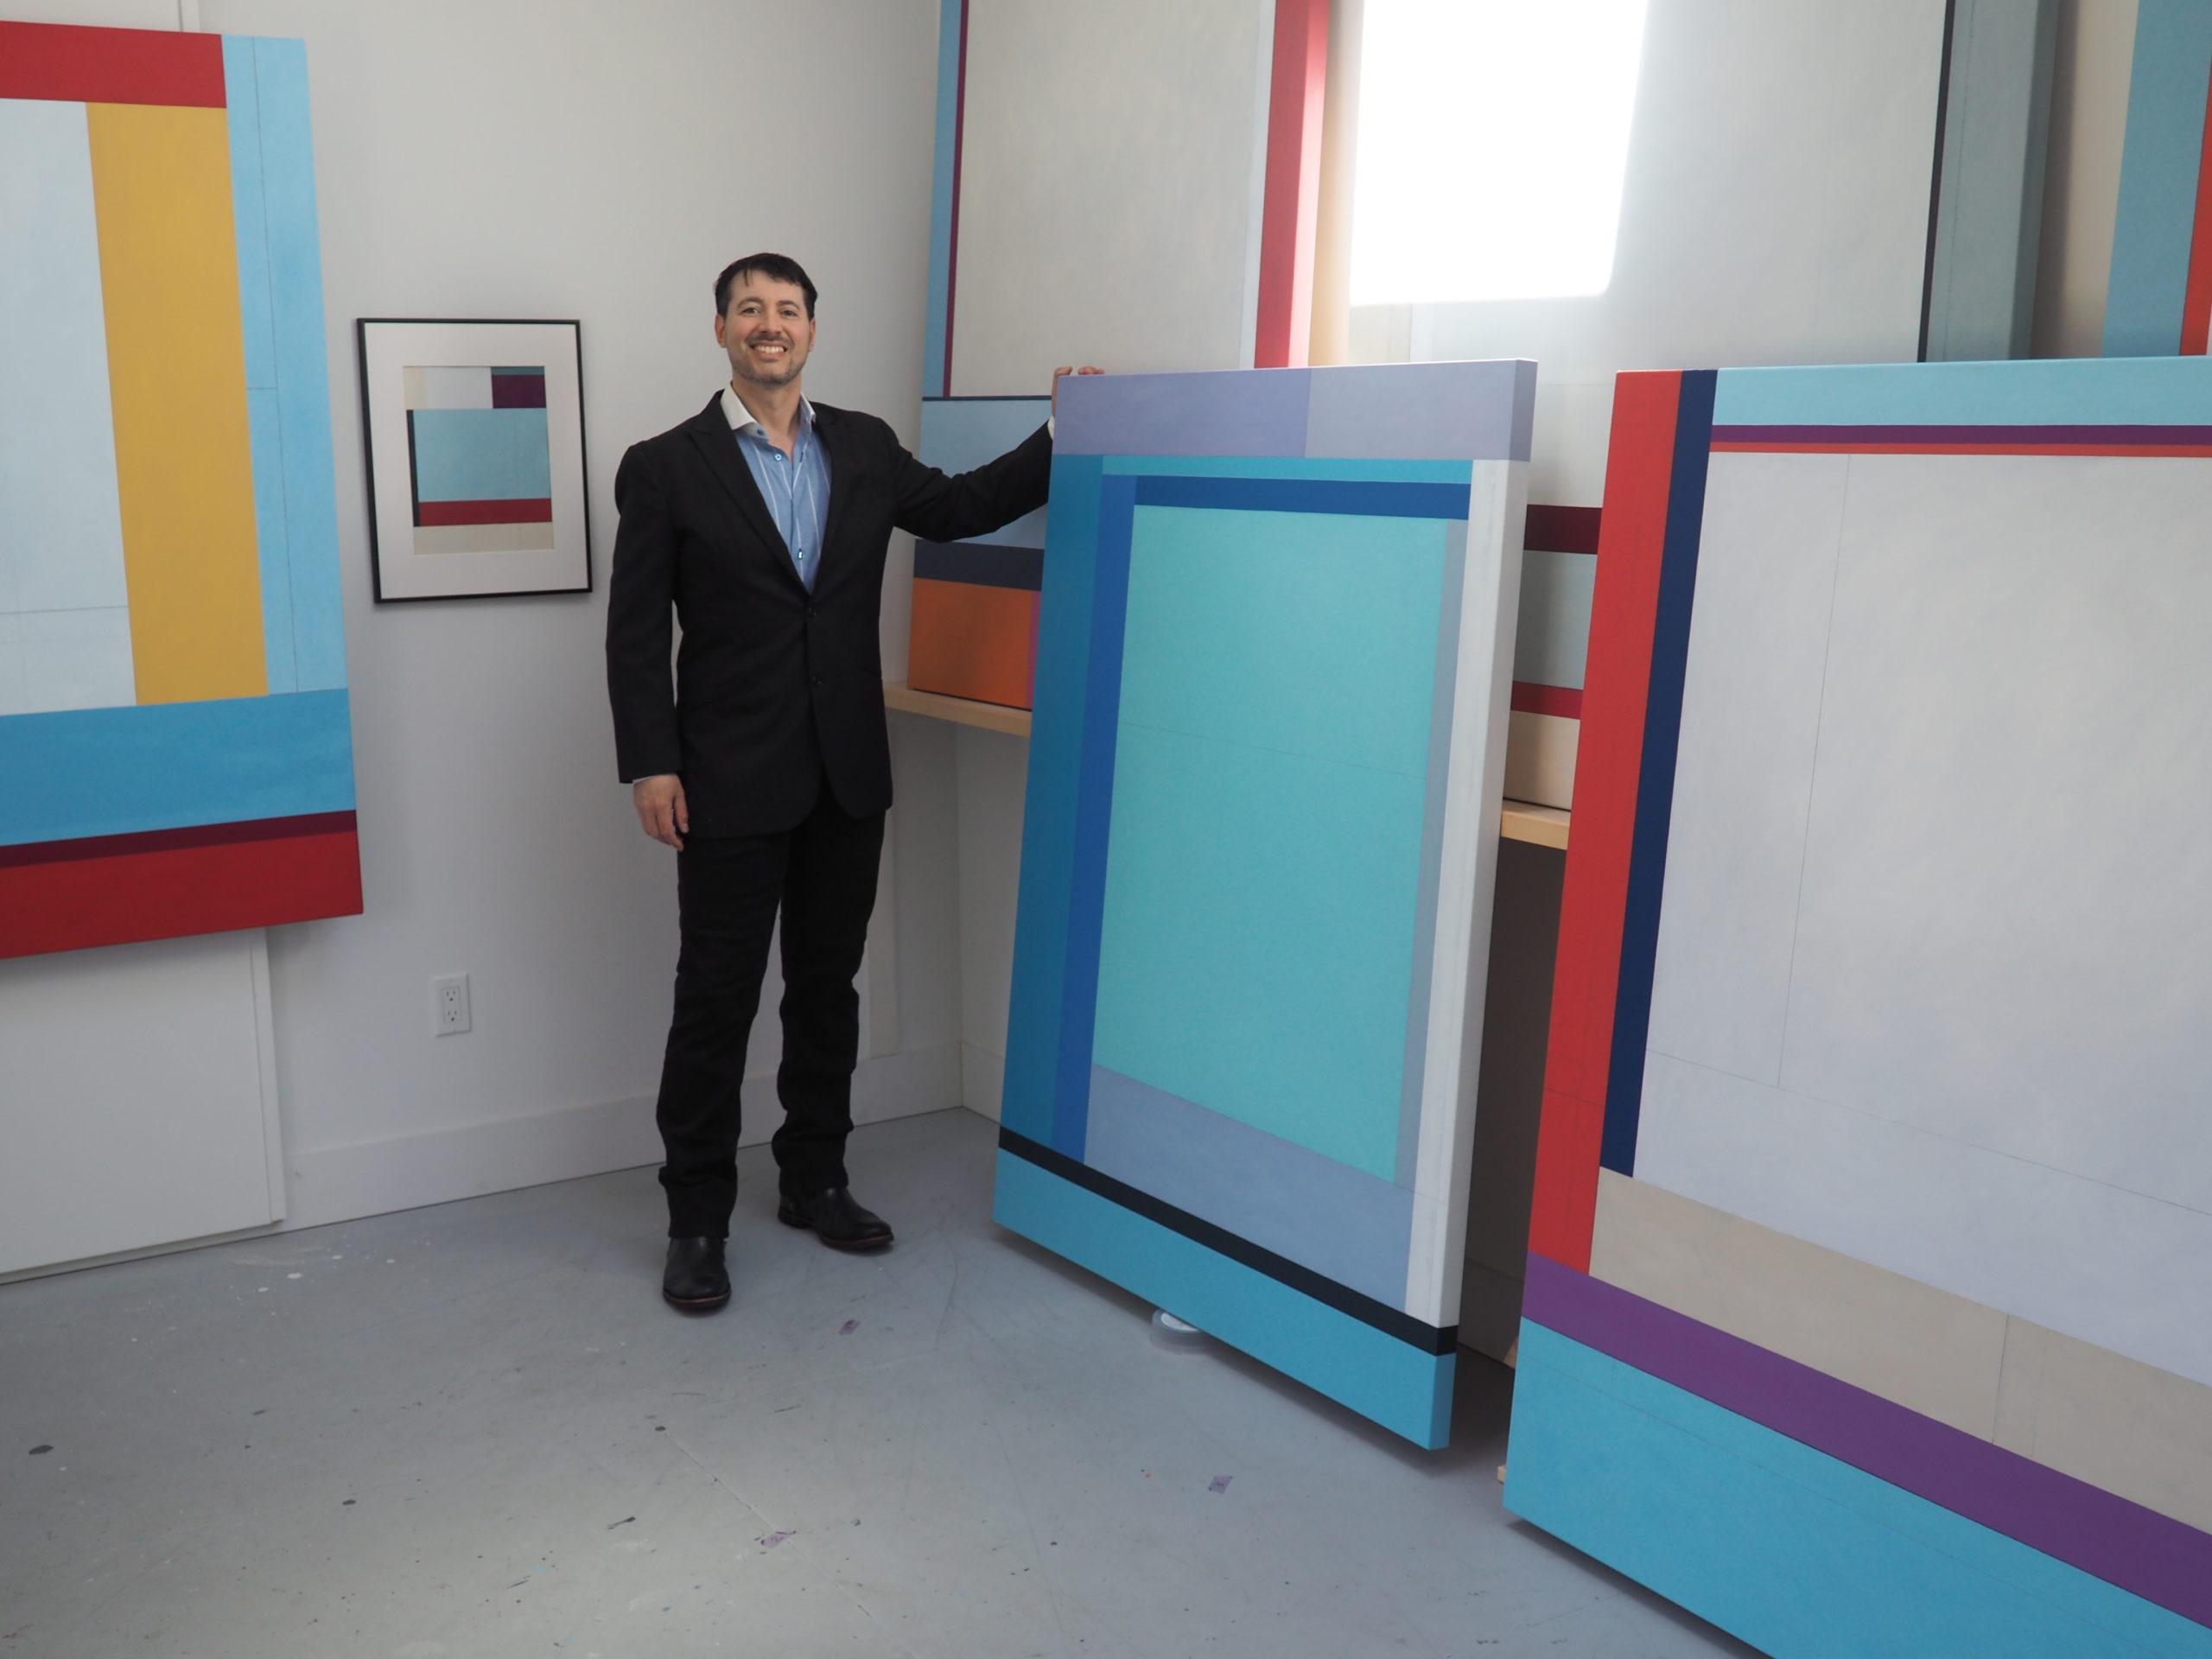 Chris Kelly in his studio.